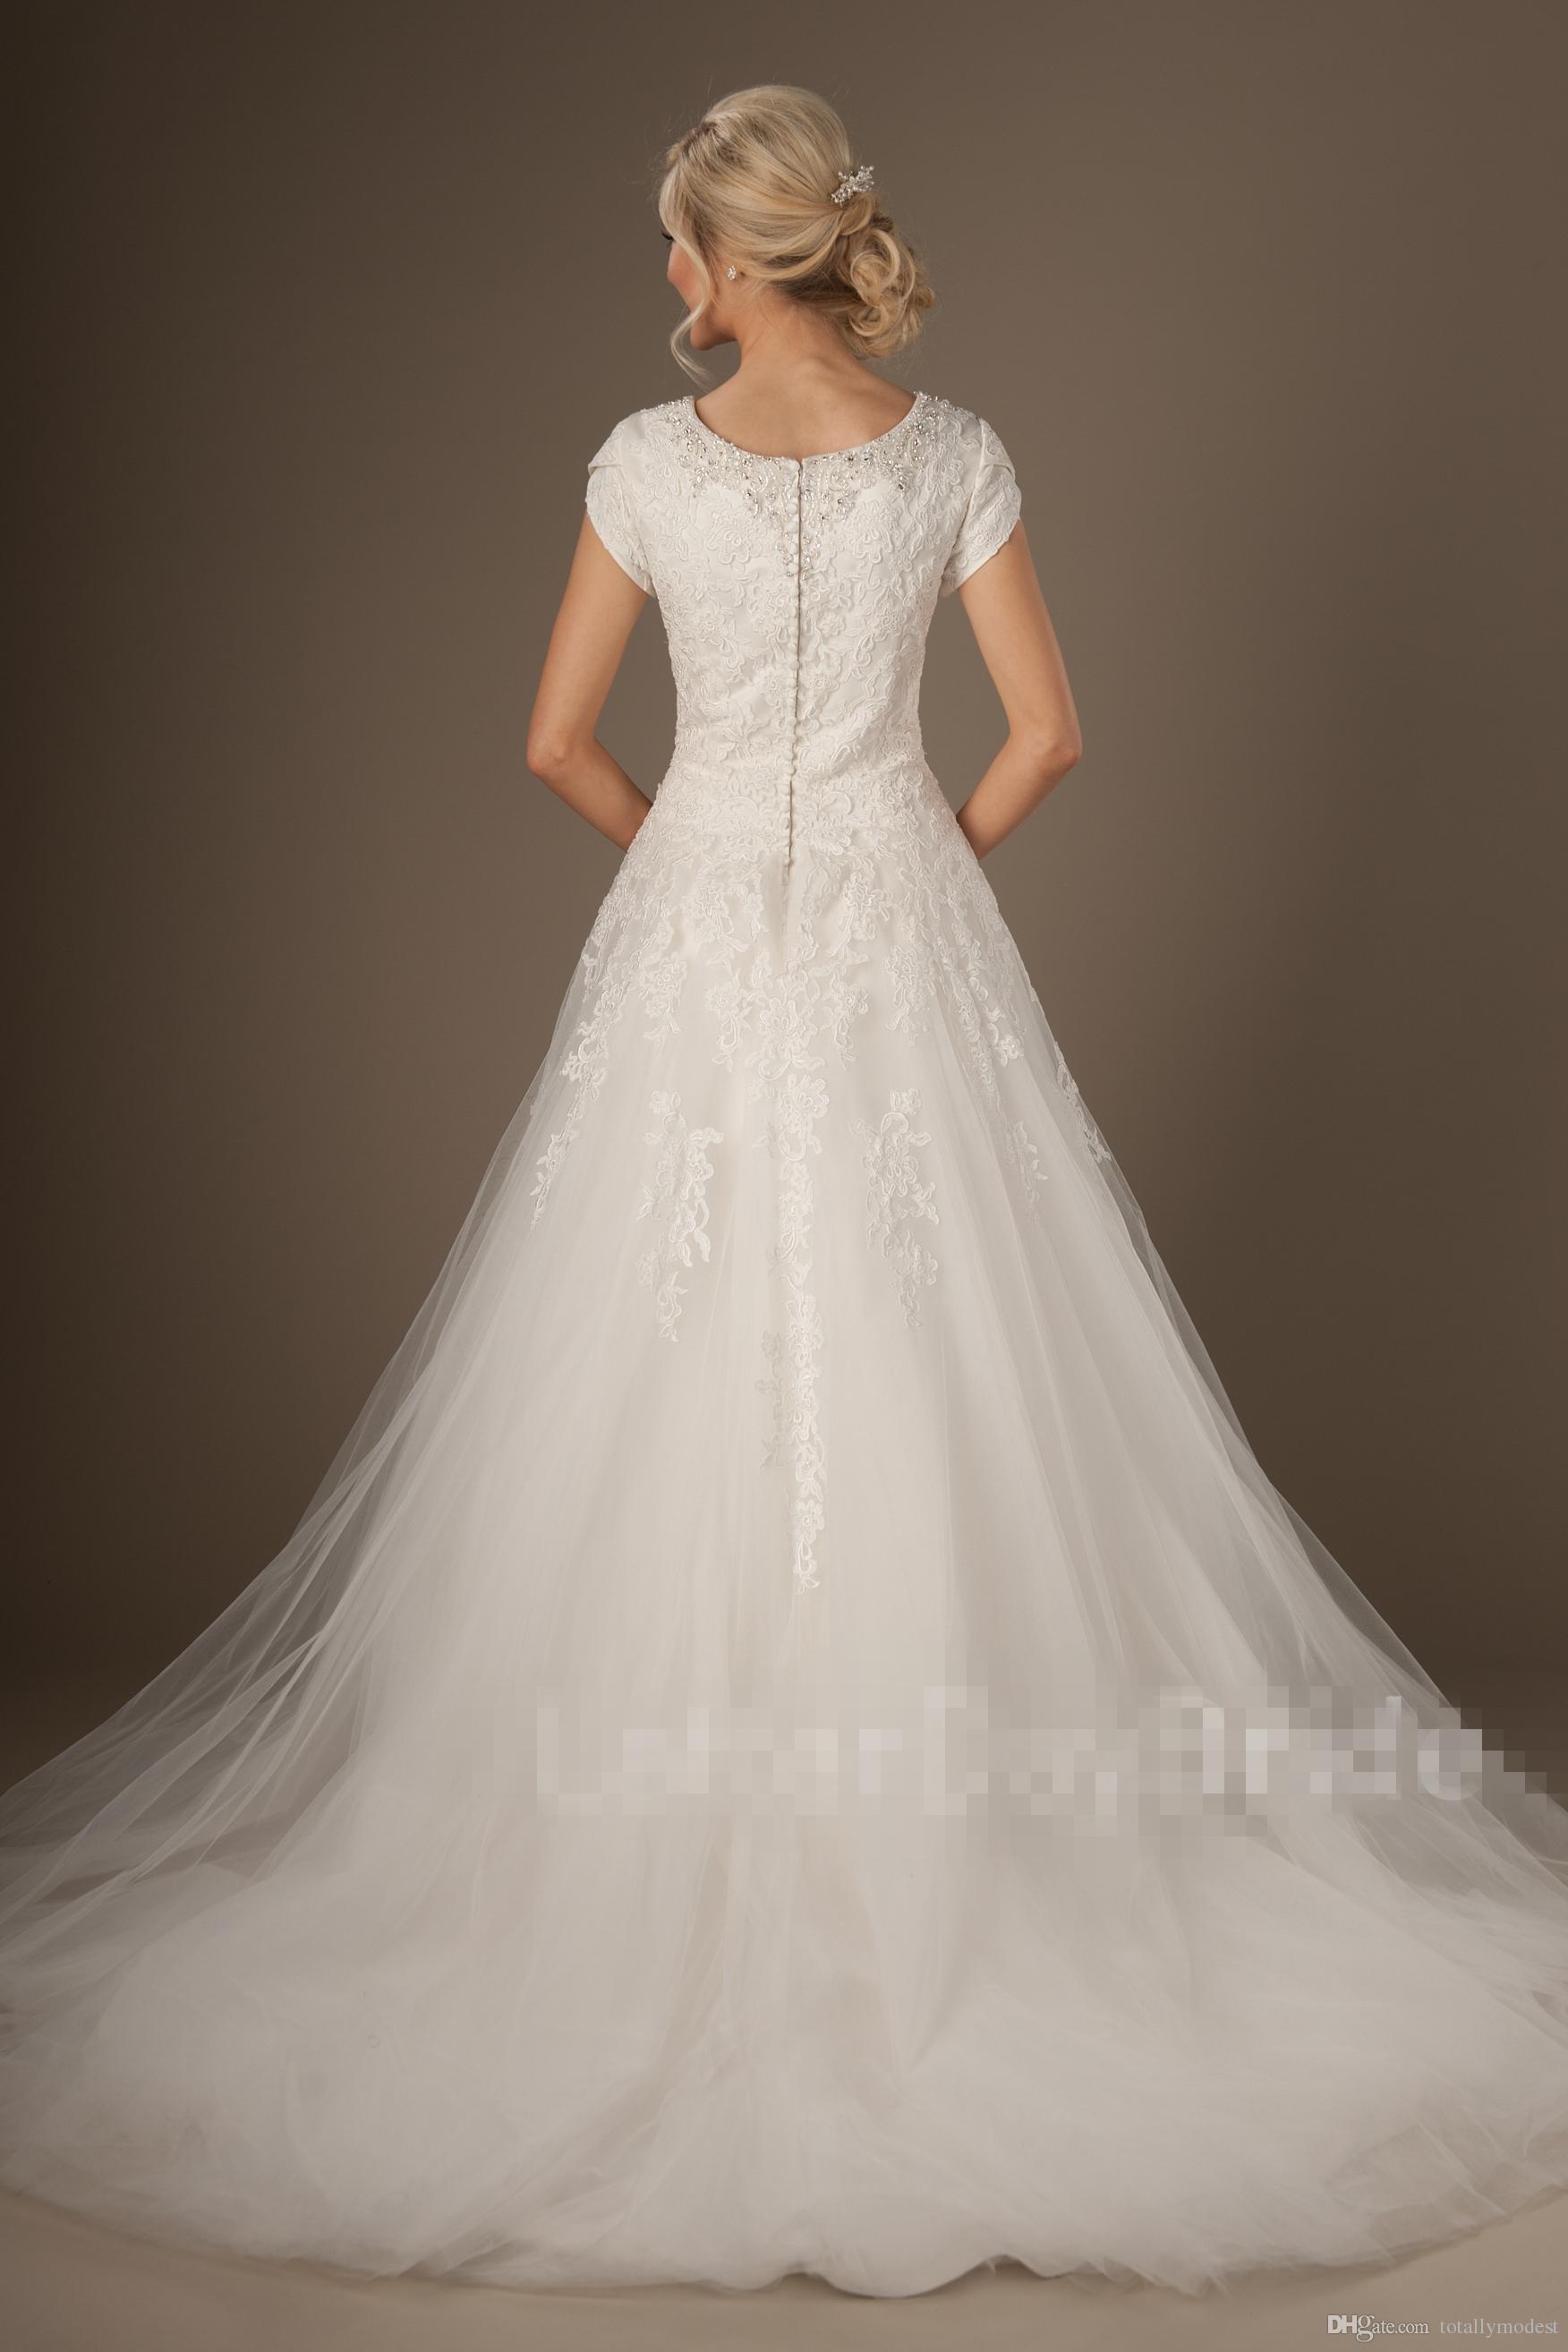 Nuovi abiti da sposa modesti maniche scollo a perline bottoni indietro appliques di pizzo una linea di tulle country abiti da sposa occidentali su misura